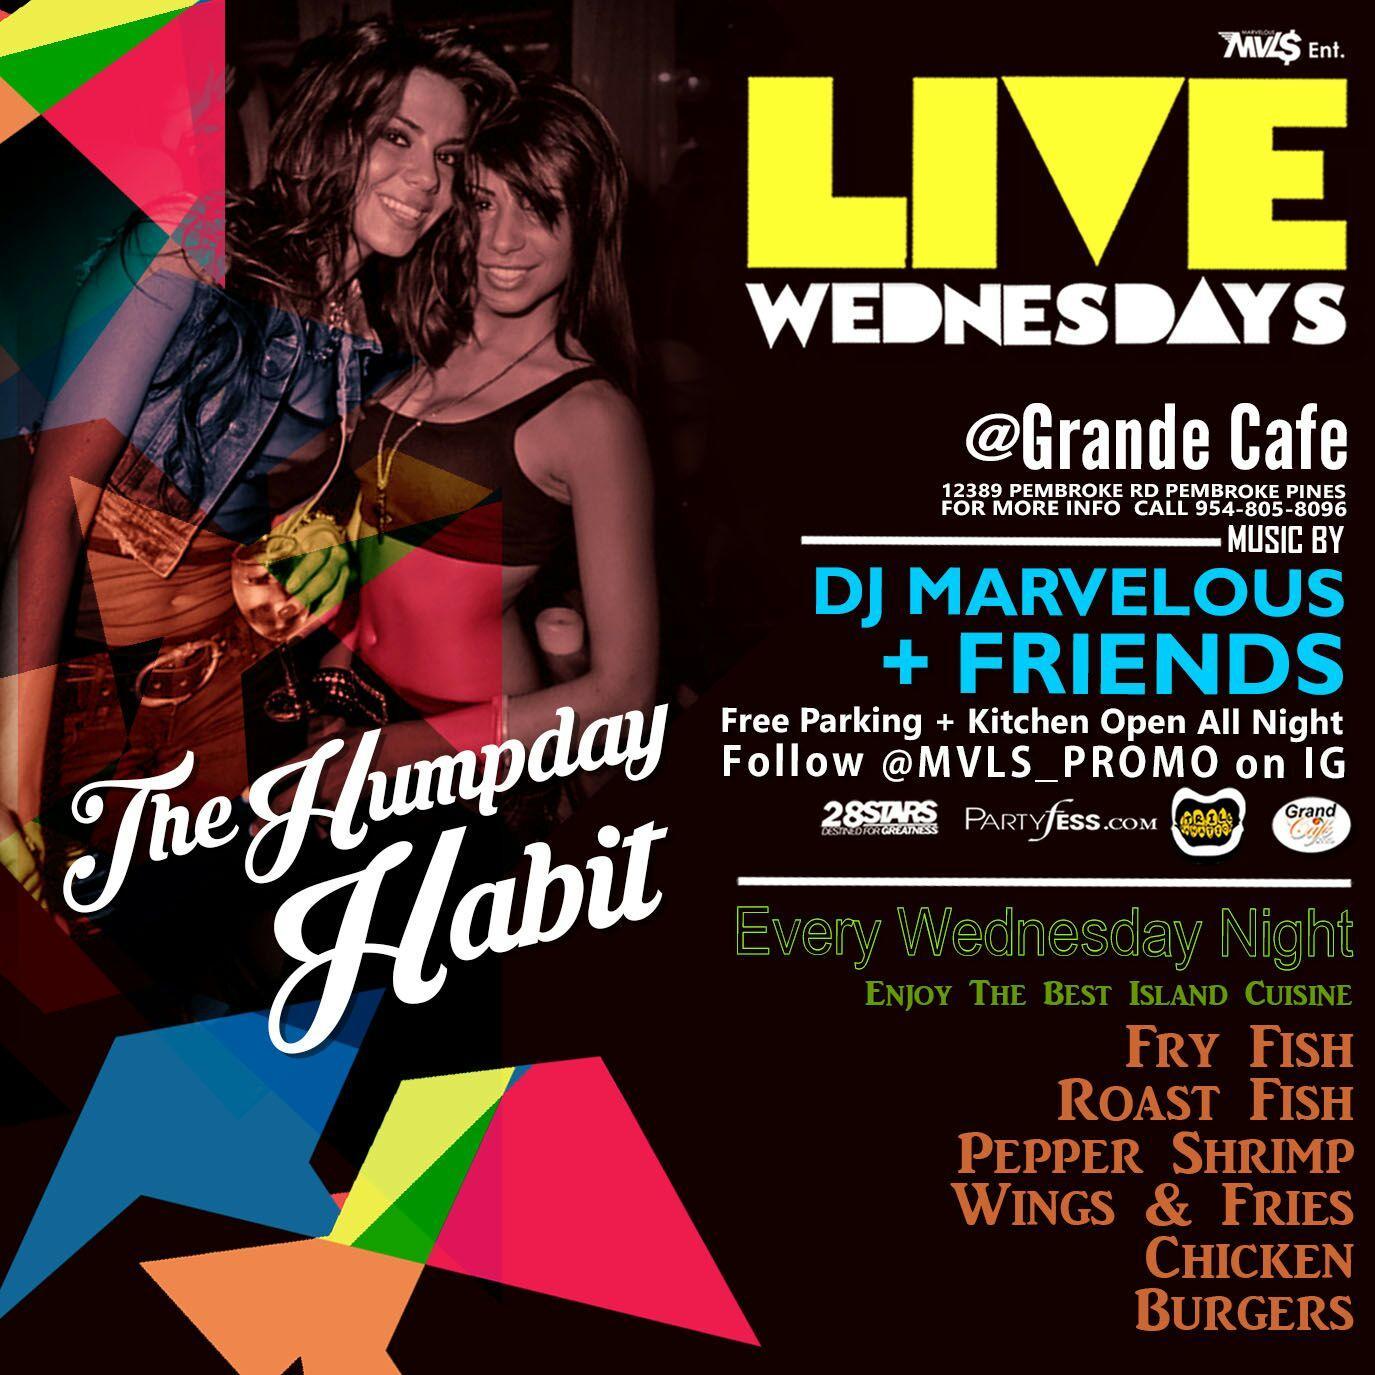 LIVE WEDNESDAYS @ Grand Cafe: Reggae|Dancehall|Hip Hop|Soca. LIVE WEDNESDAYS @ Grand Cafe: Reggae|Dancehall|Hip Hop|Soca